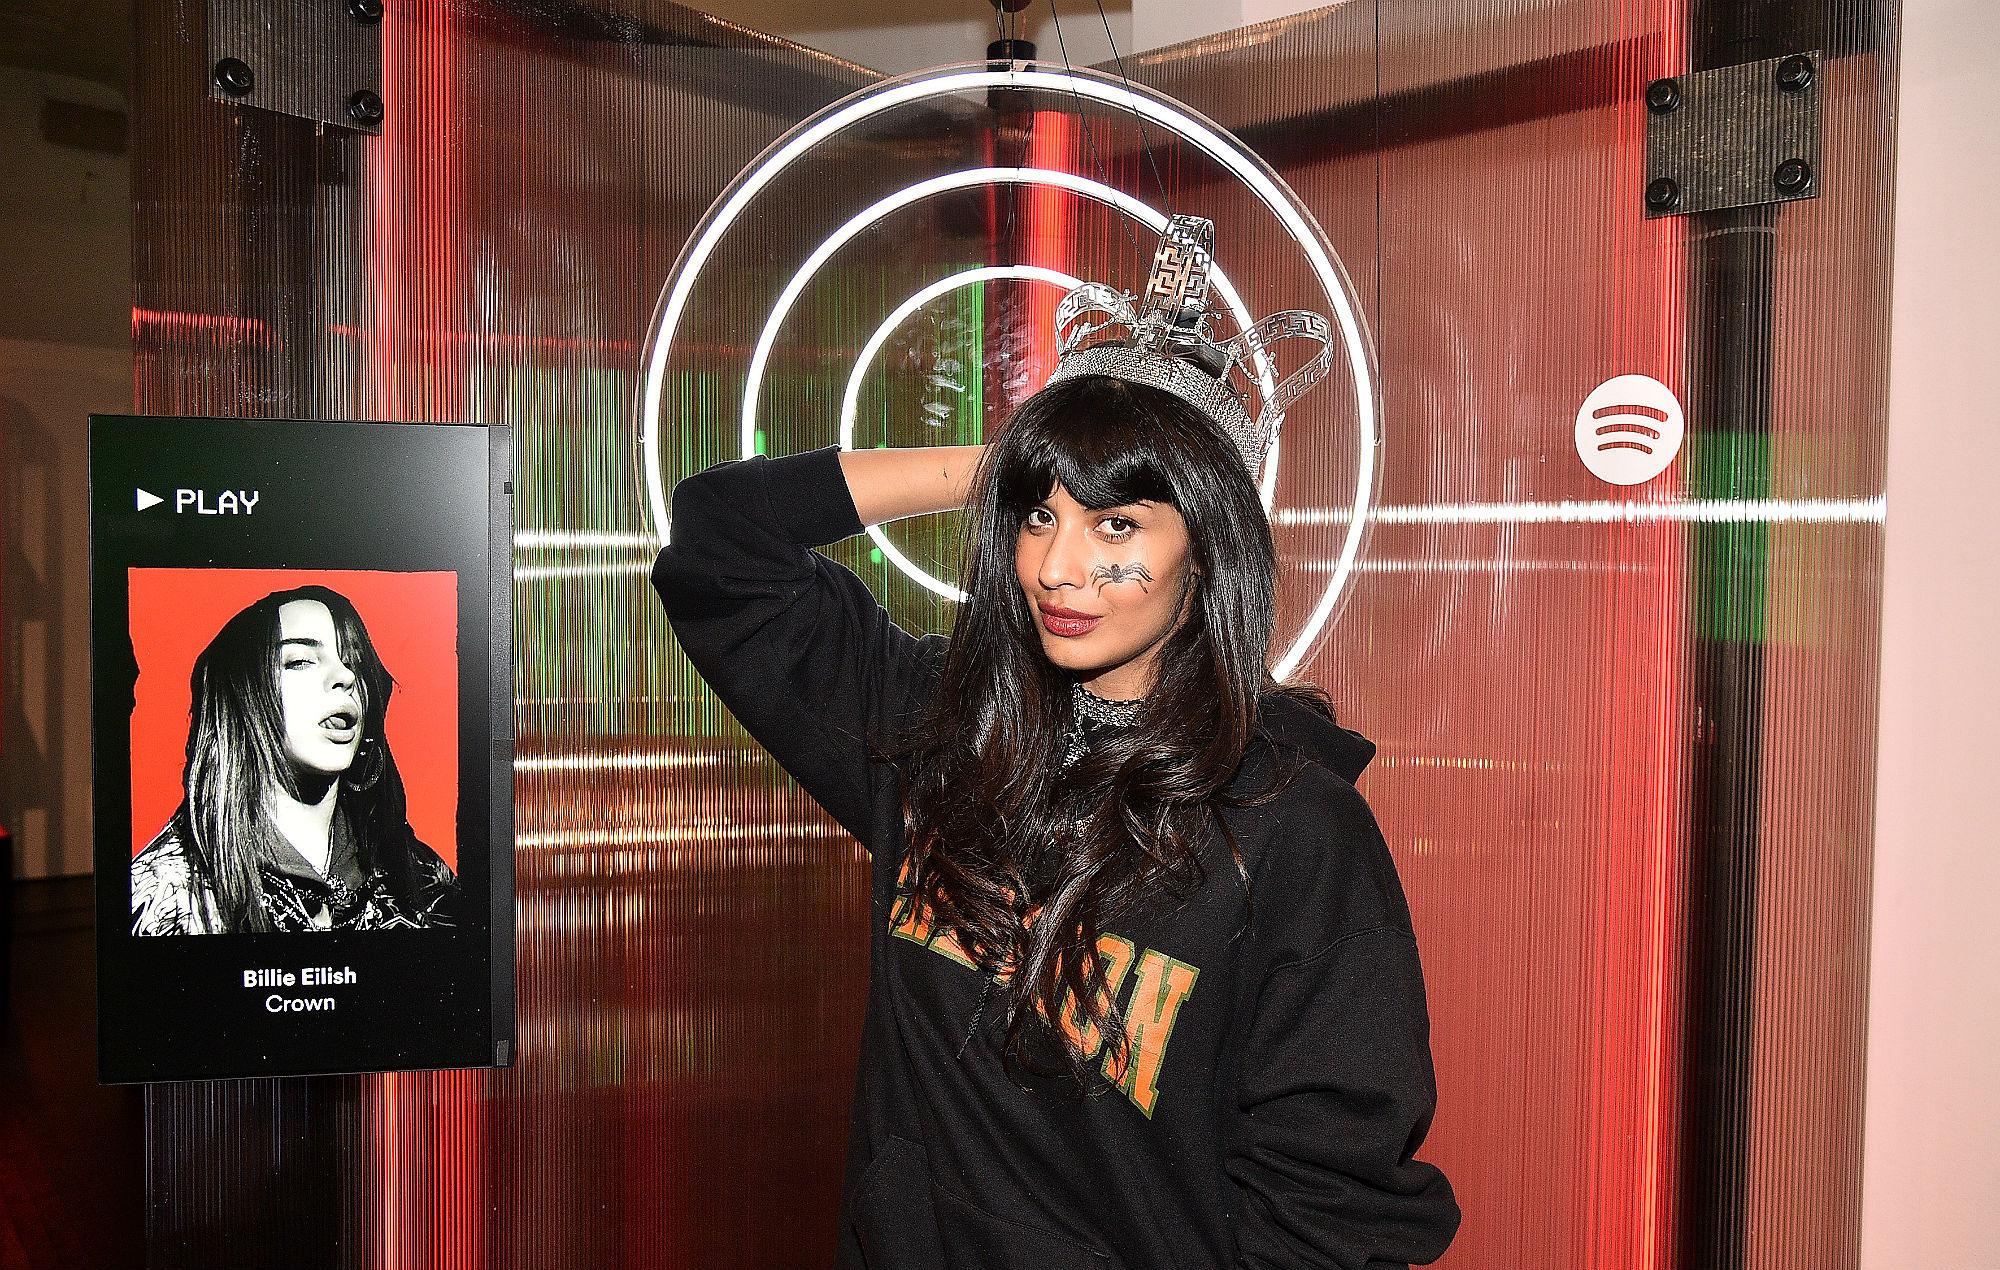 Jameela Jamil dressed as Billie Eilish for Halloween